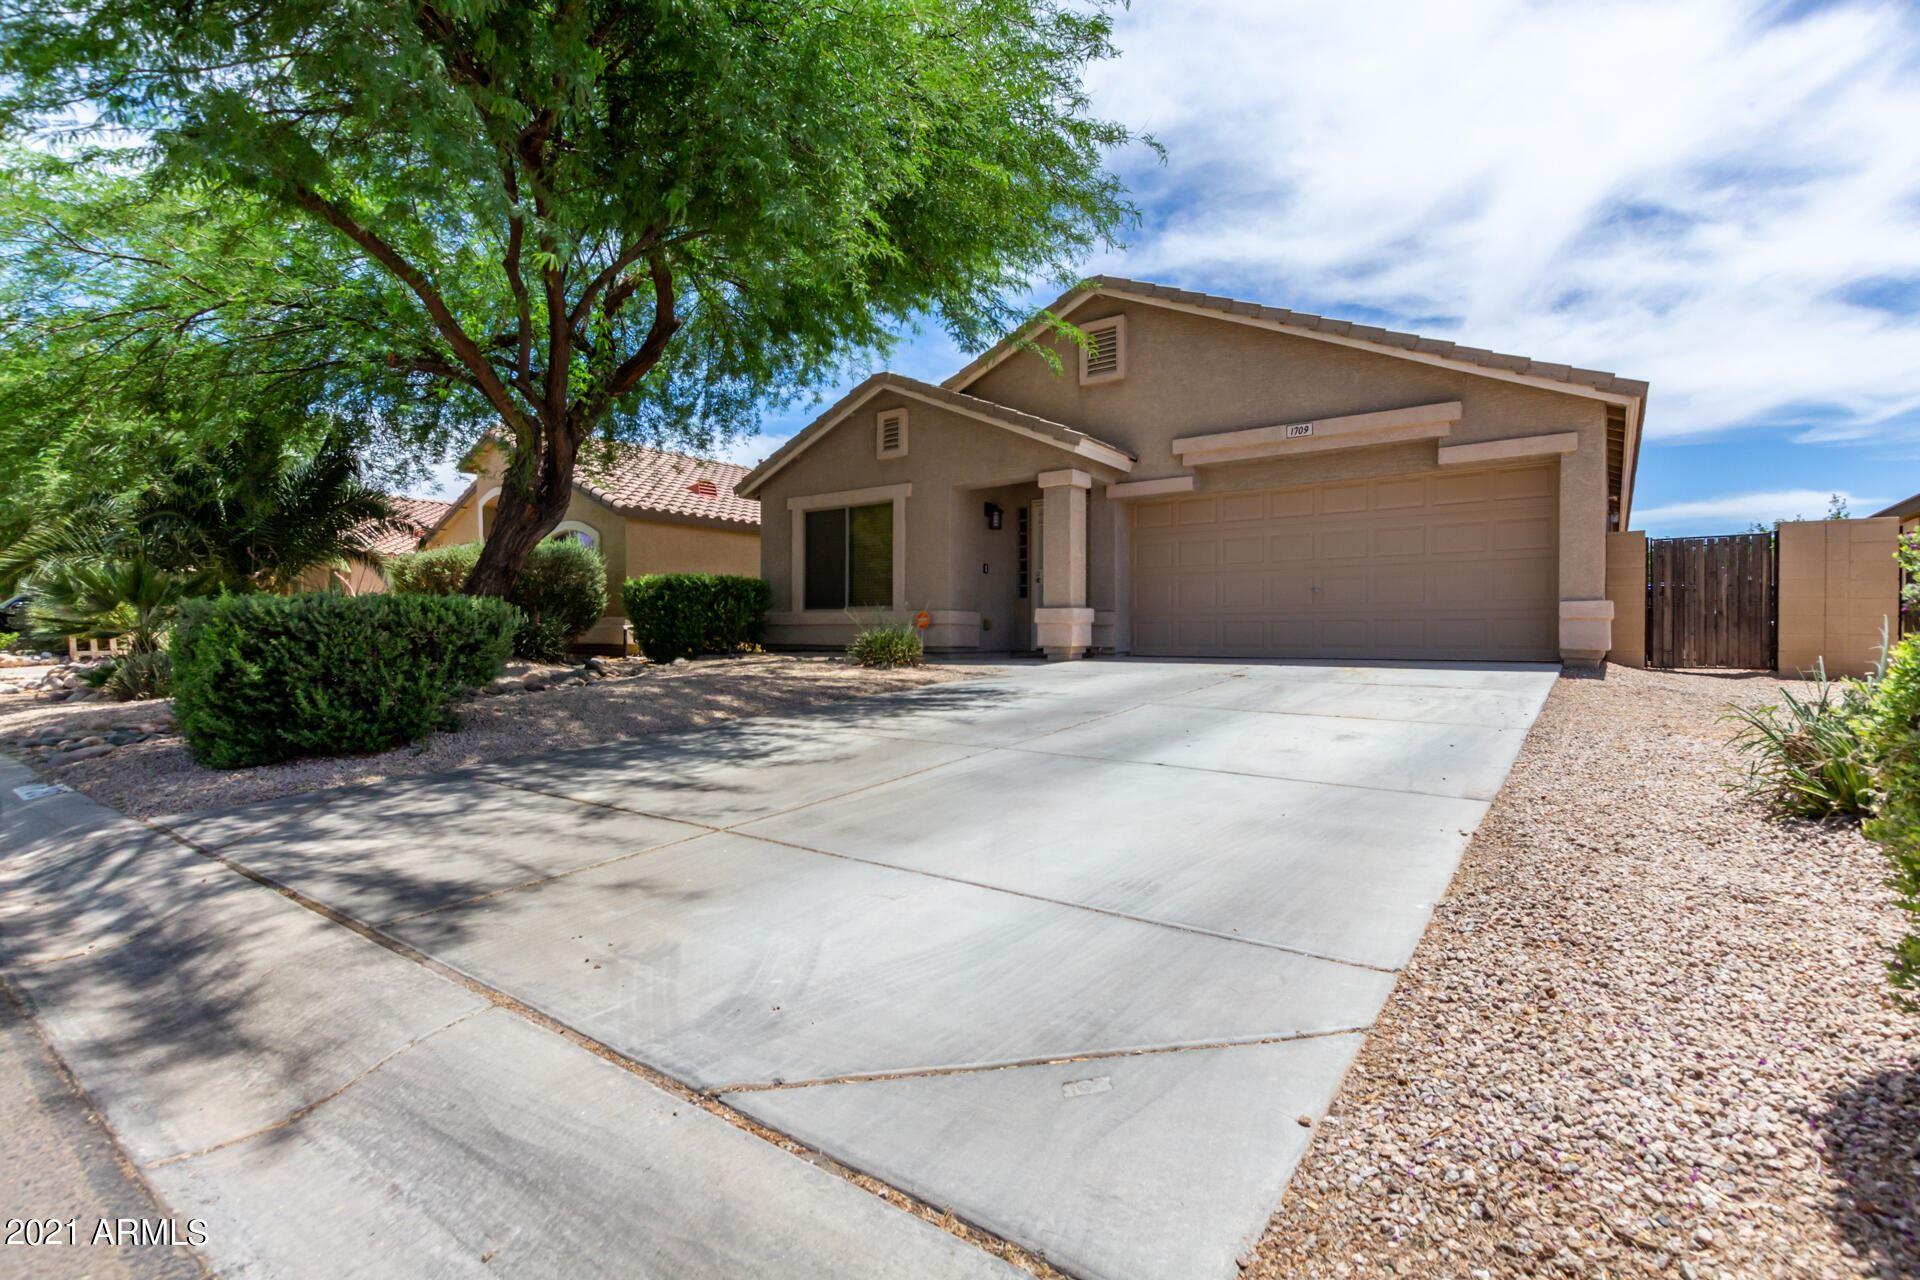 Photo of 1709 E DANIELLA Drive, San Tan Valley, AZ 85140 (MLS # 6249498)